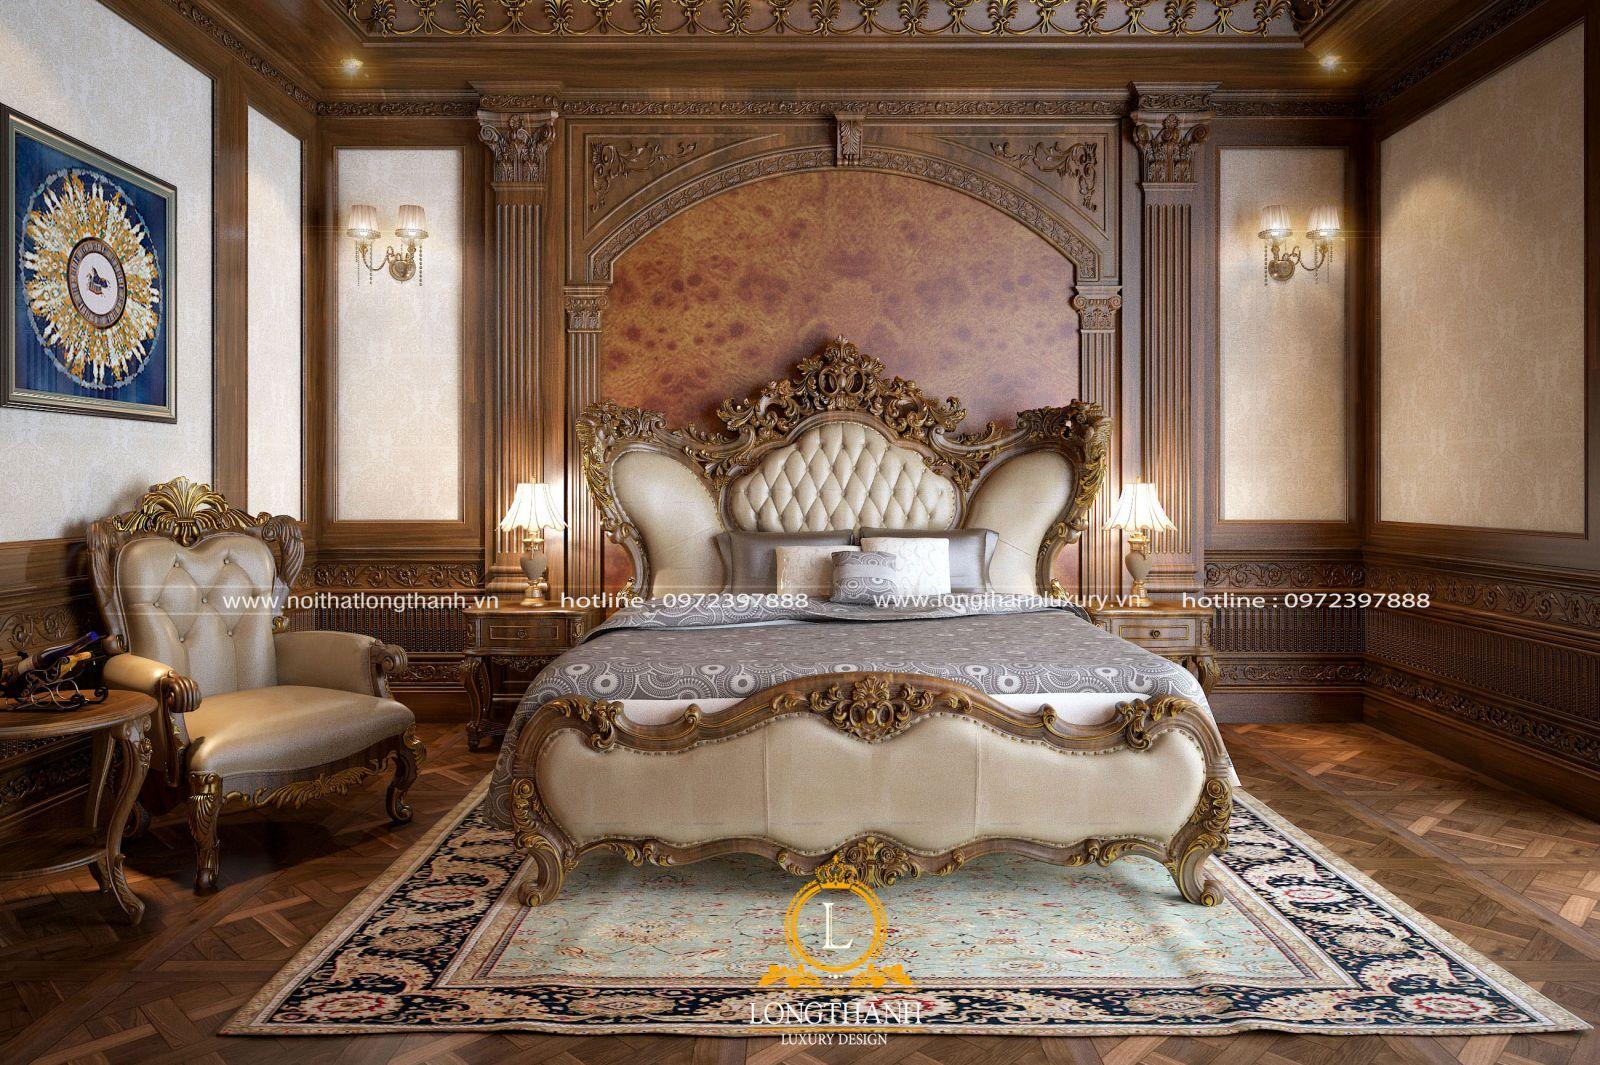 Giường ngủ cổ điển hoàng gia